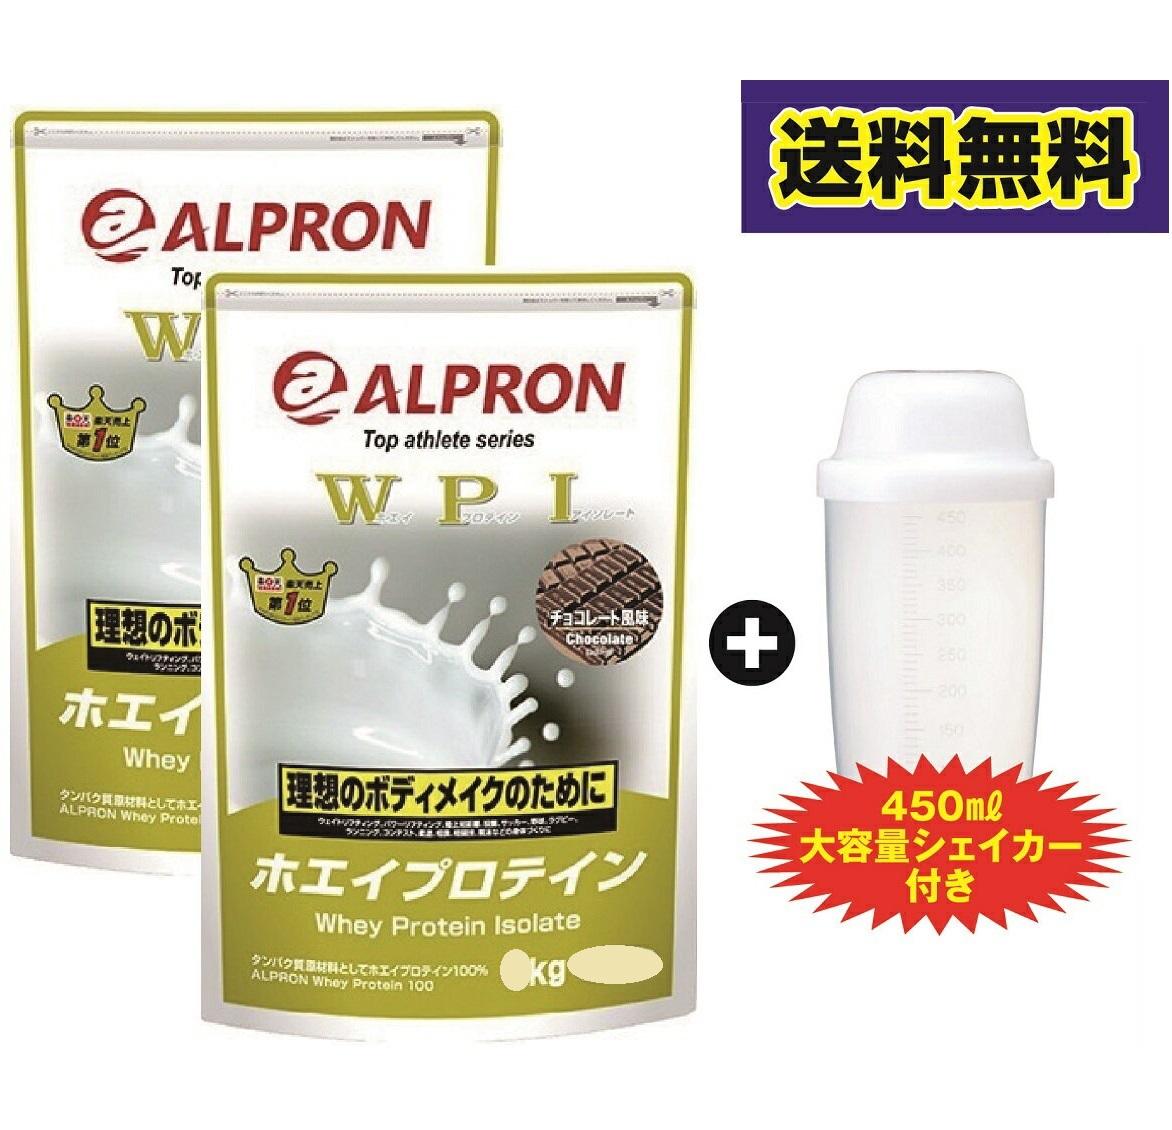 【2袋・シェイカー付】【送料無料】アルプロン -ALPRON- ホエイプロテイン WPI チョコレート (3kg)【アミノ酸スコア100】